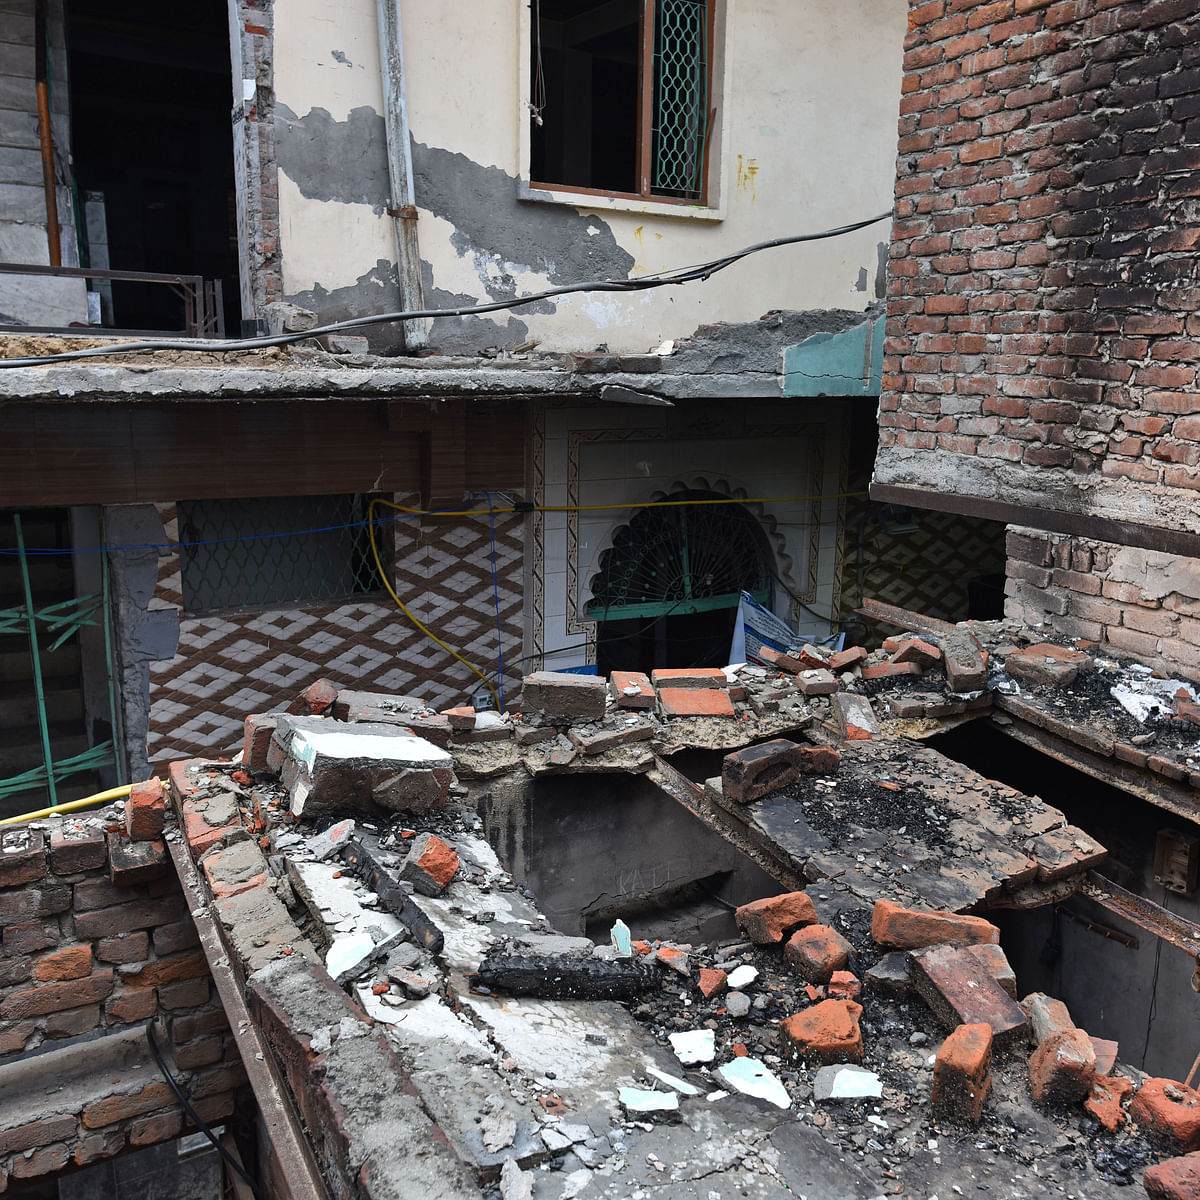 دہلی فسادات کے کے دوران تباہ کئے گئے مکانات / Getty Images